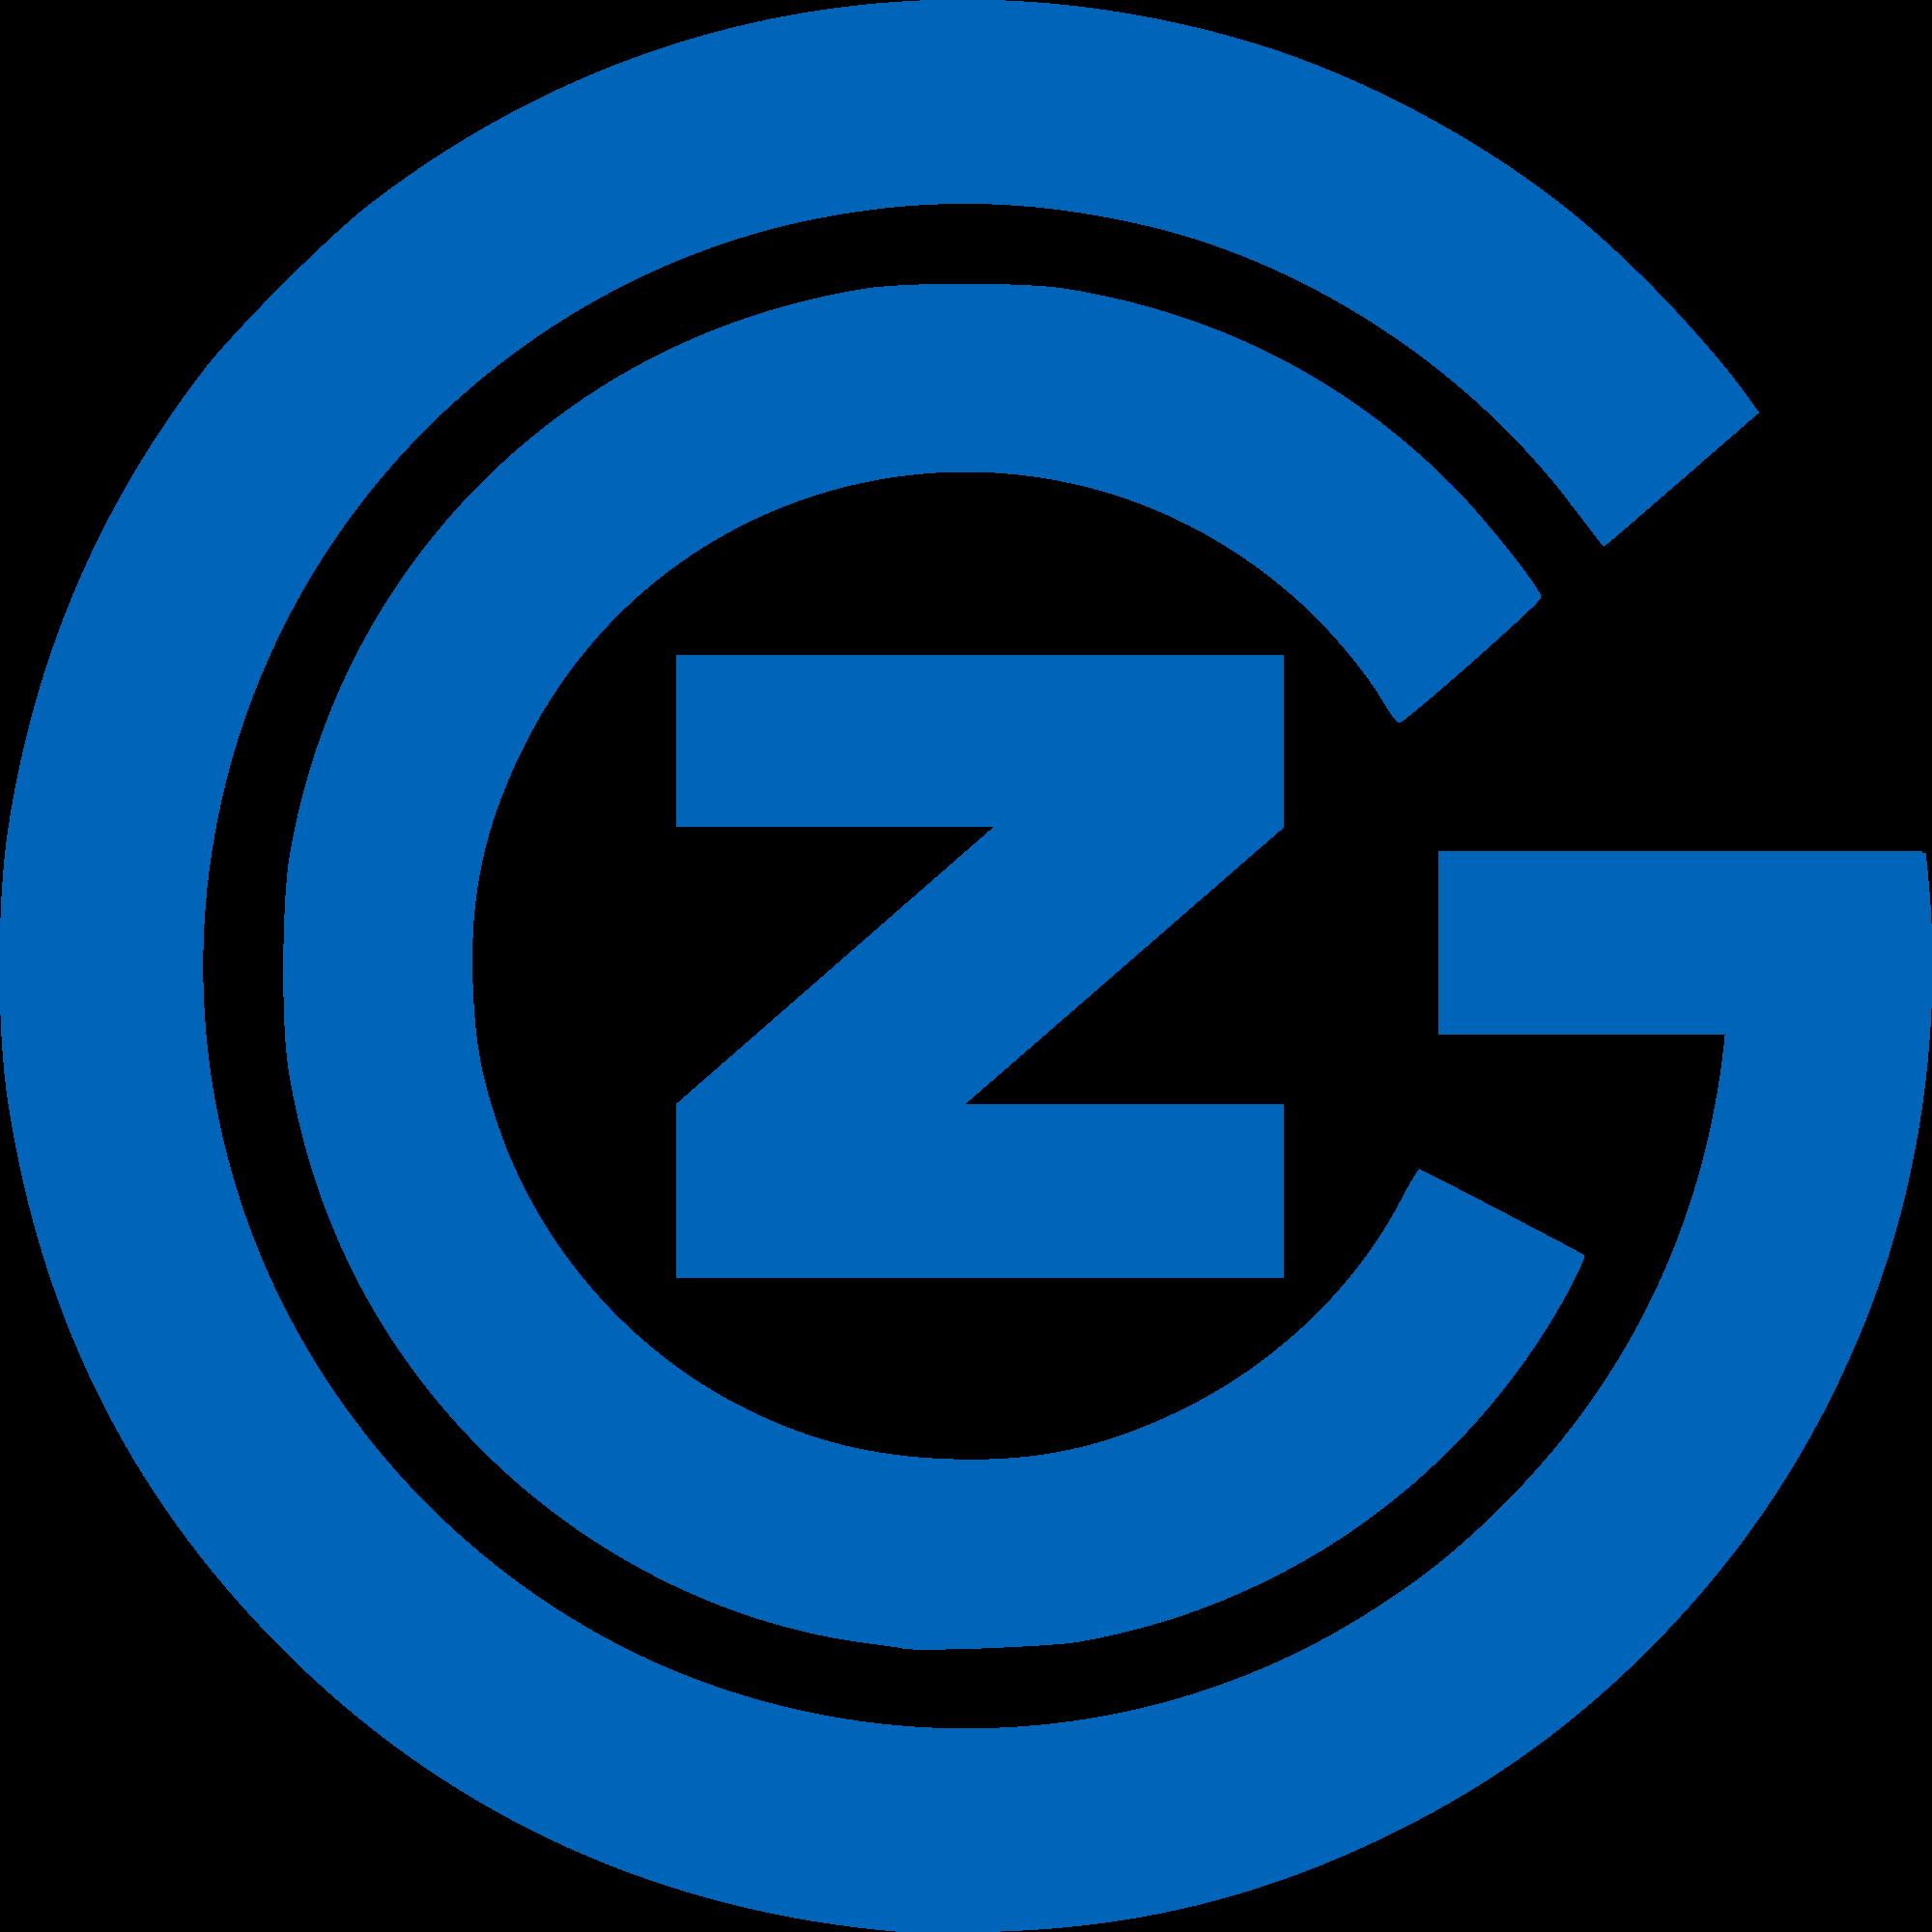 GCZ company logo